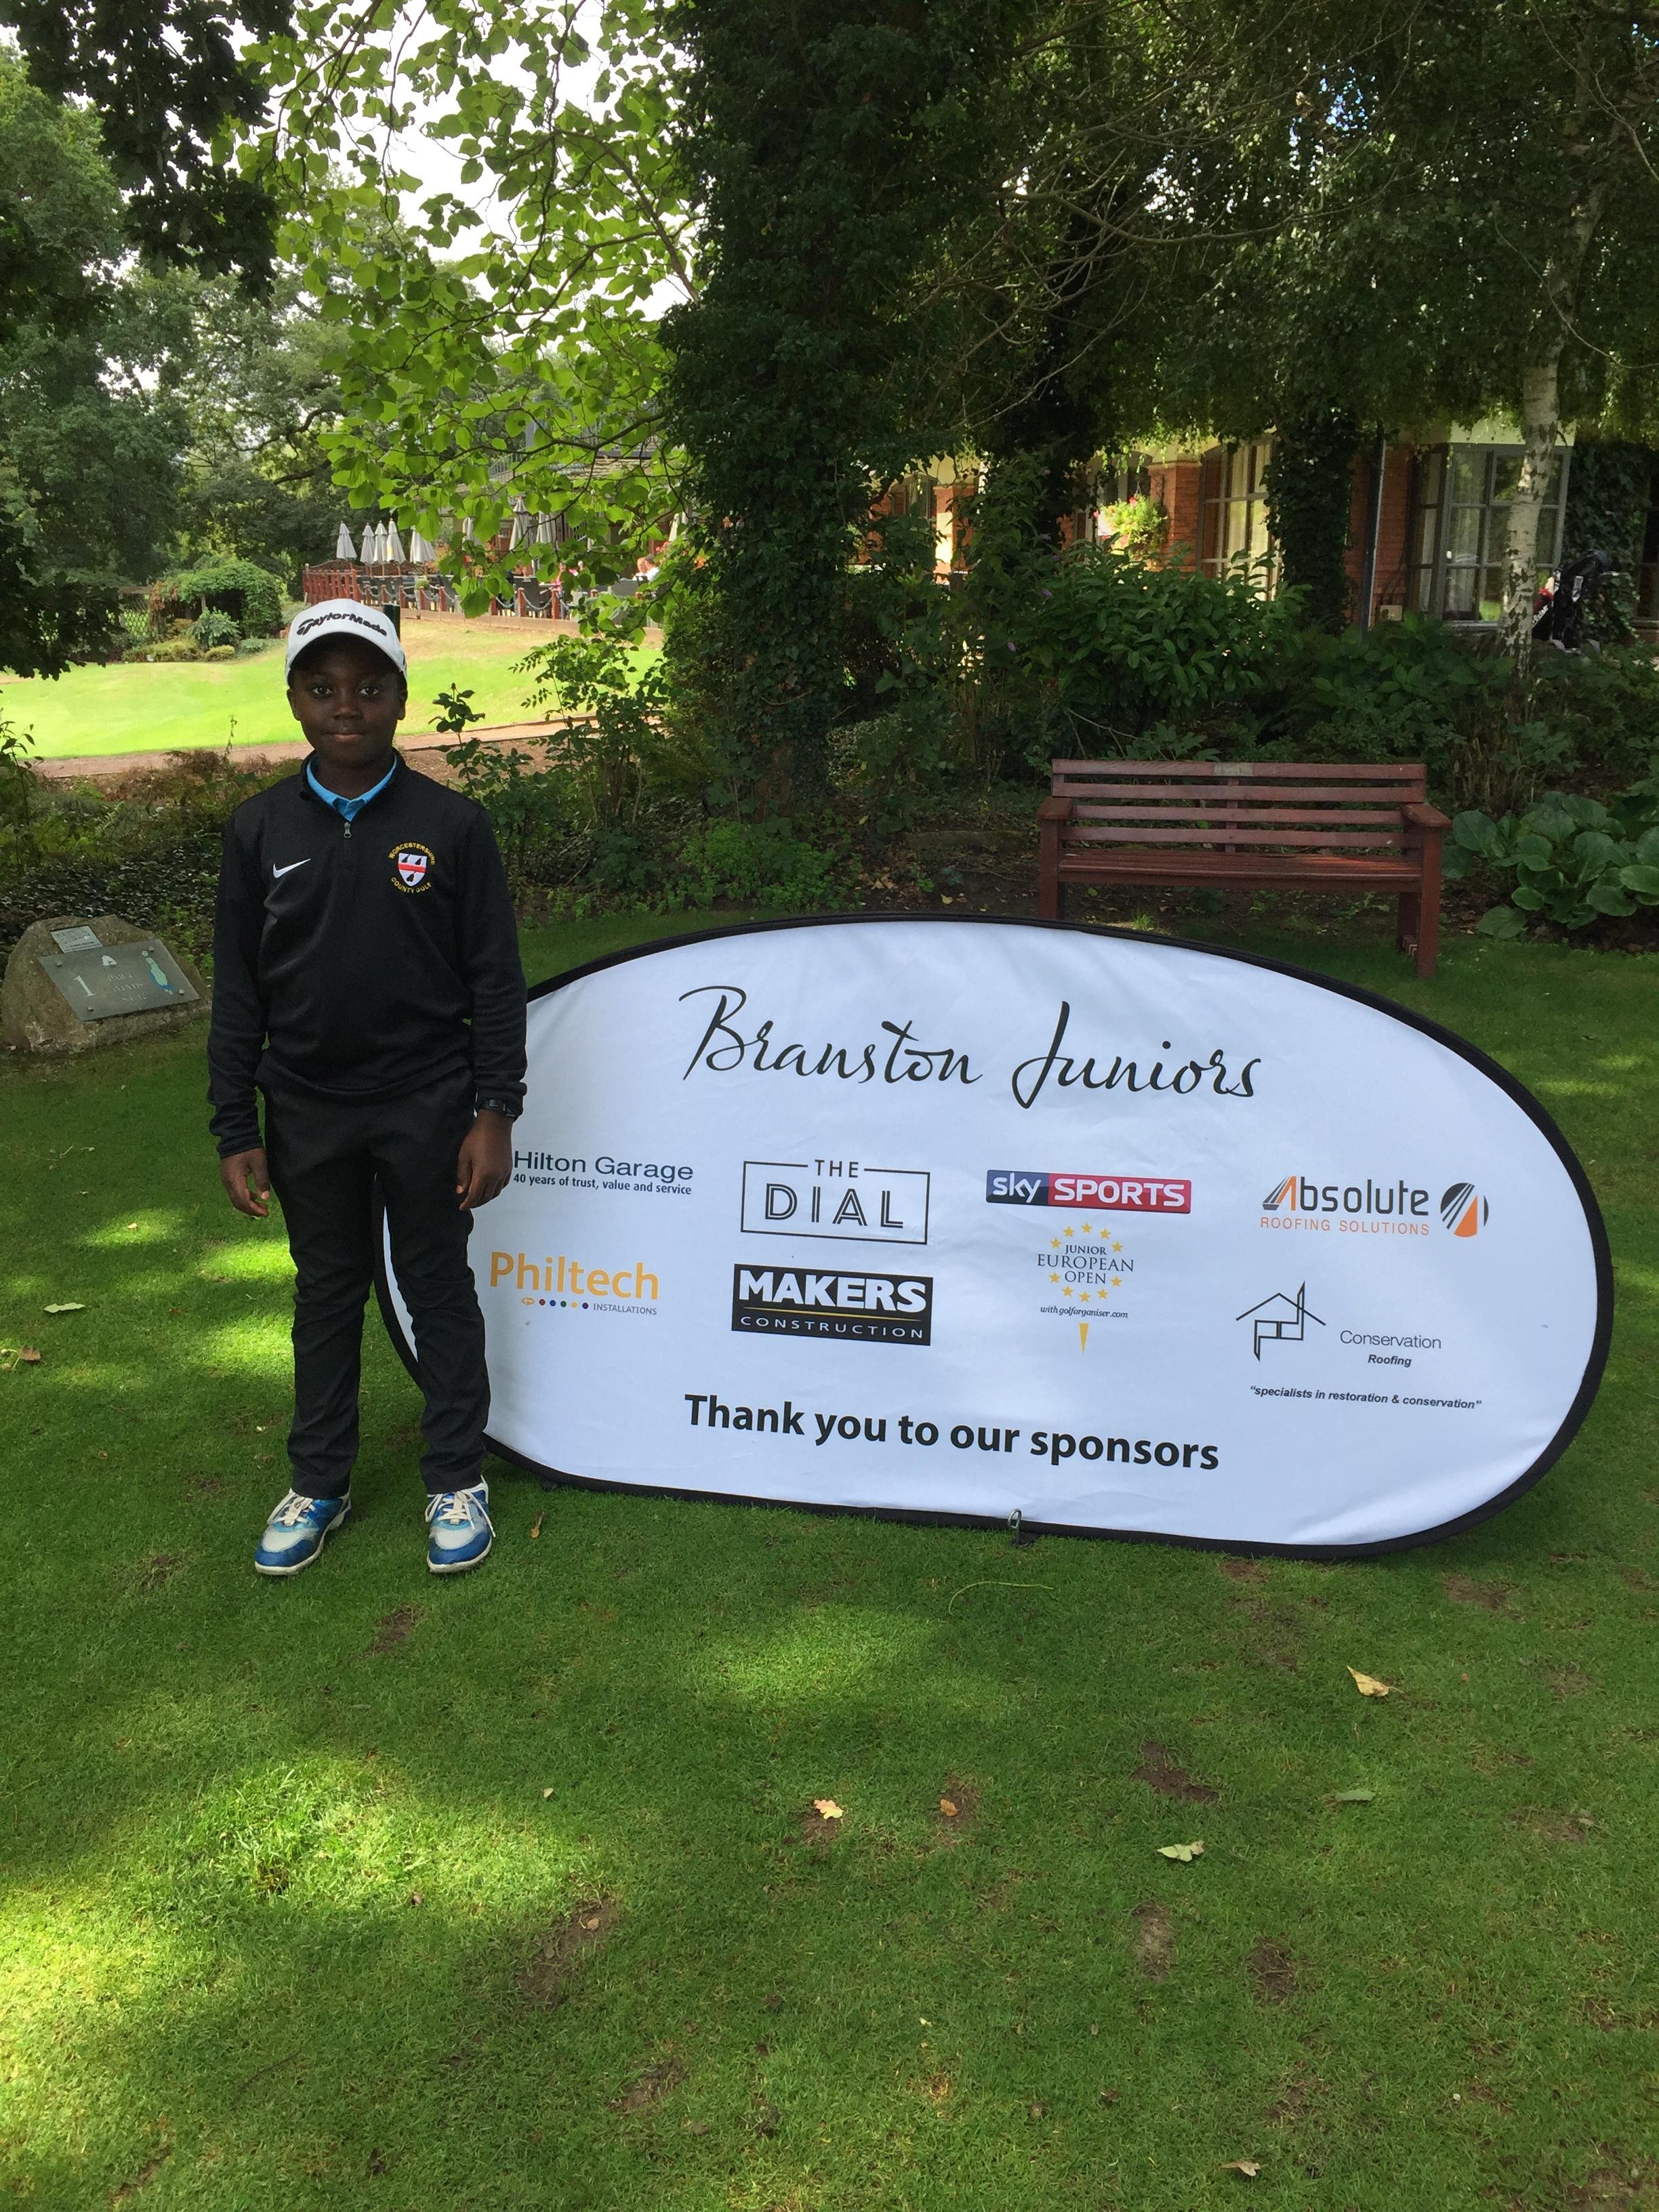 Copy of 2018 Junior European Open - Branston GC